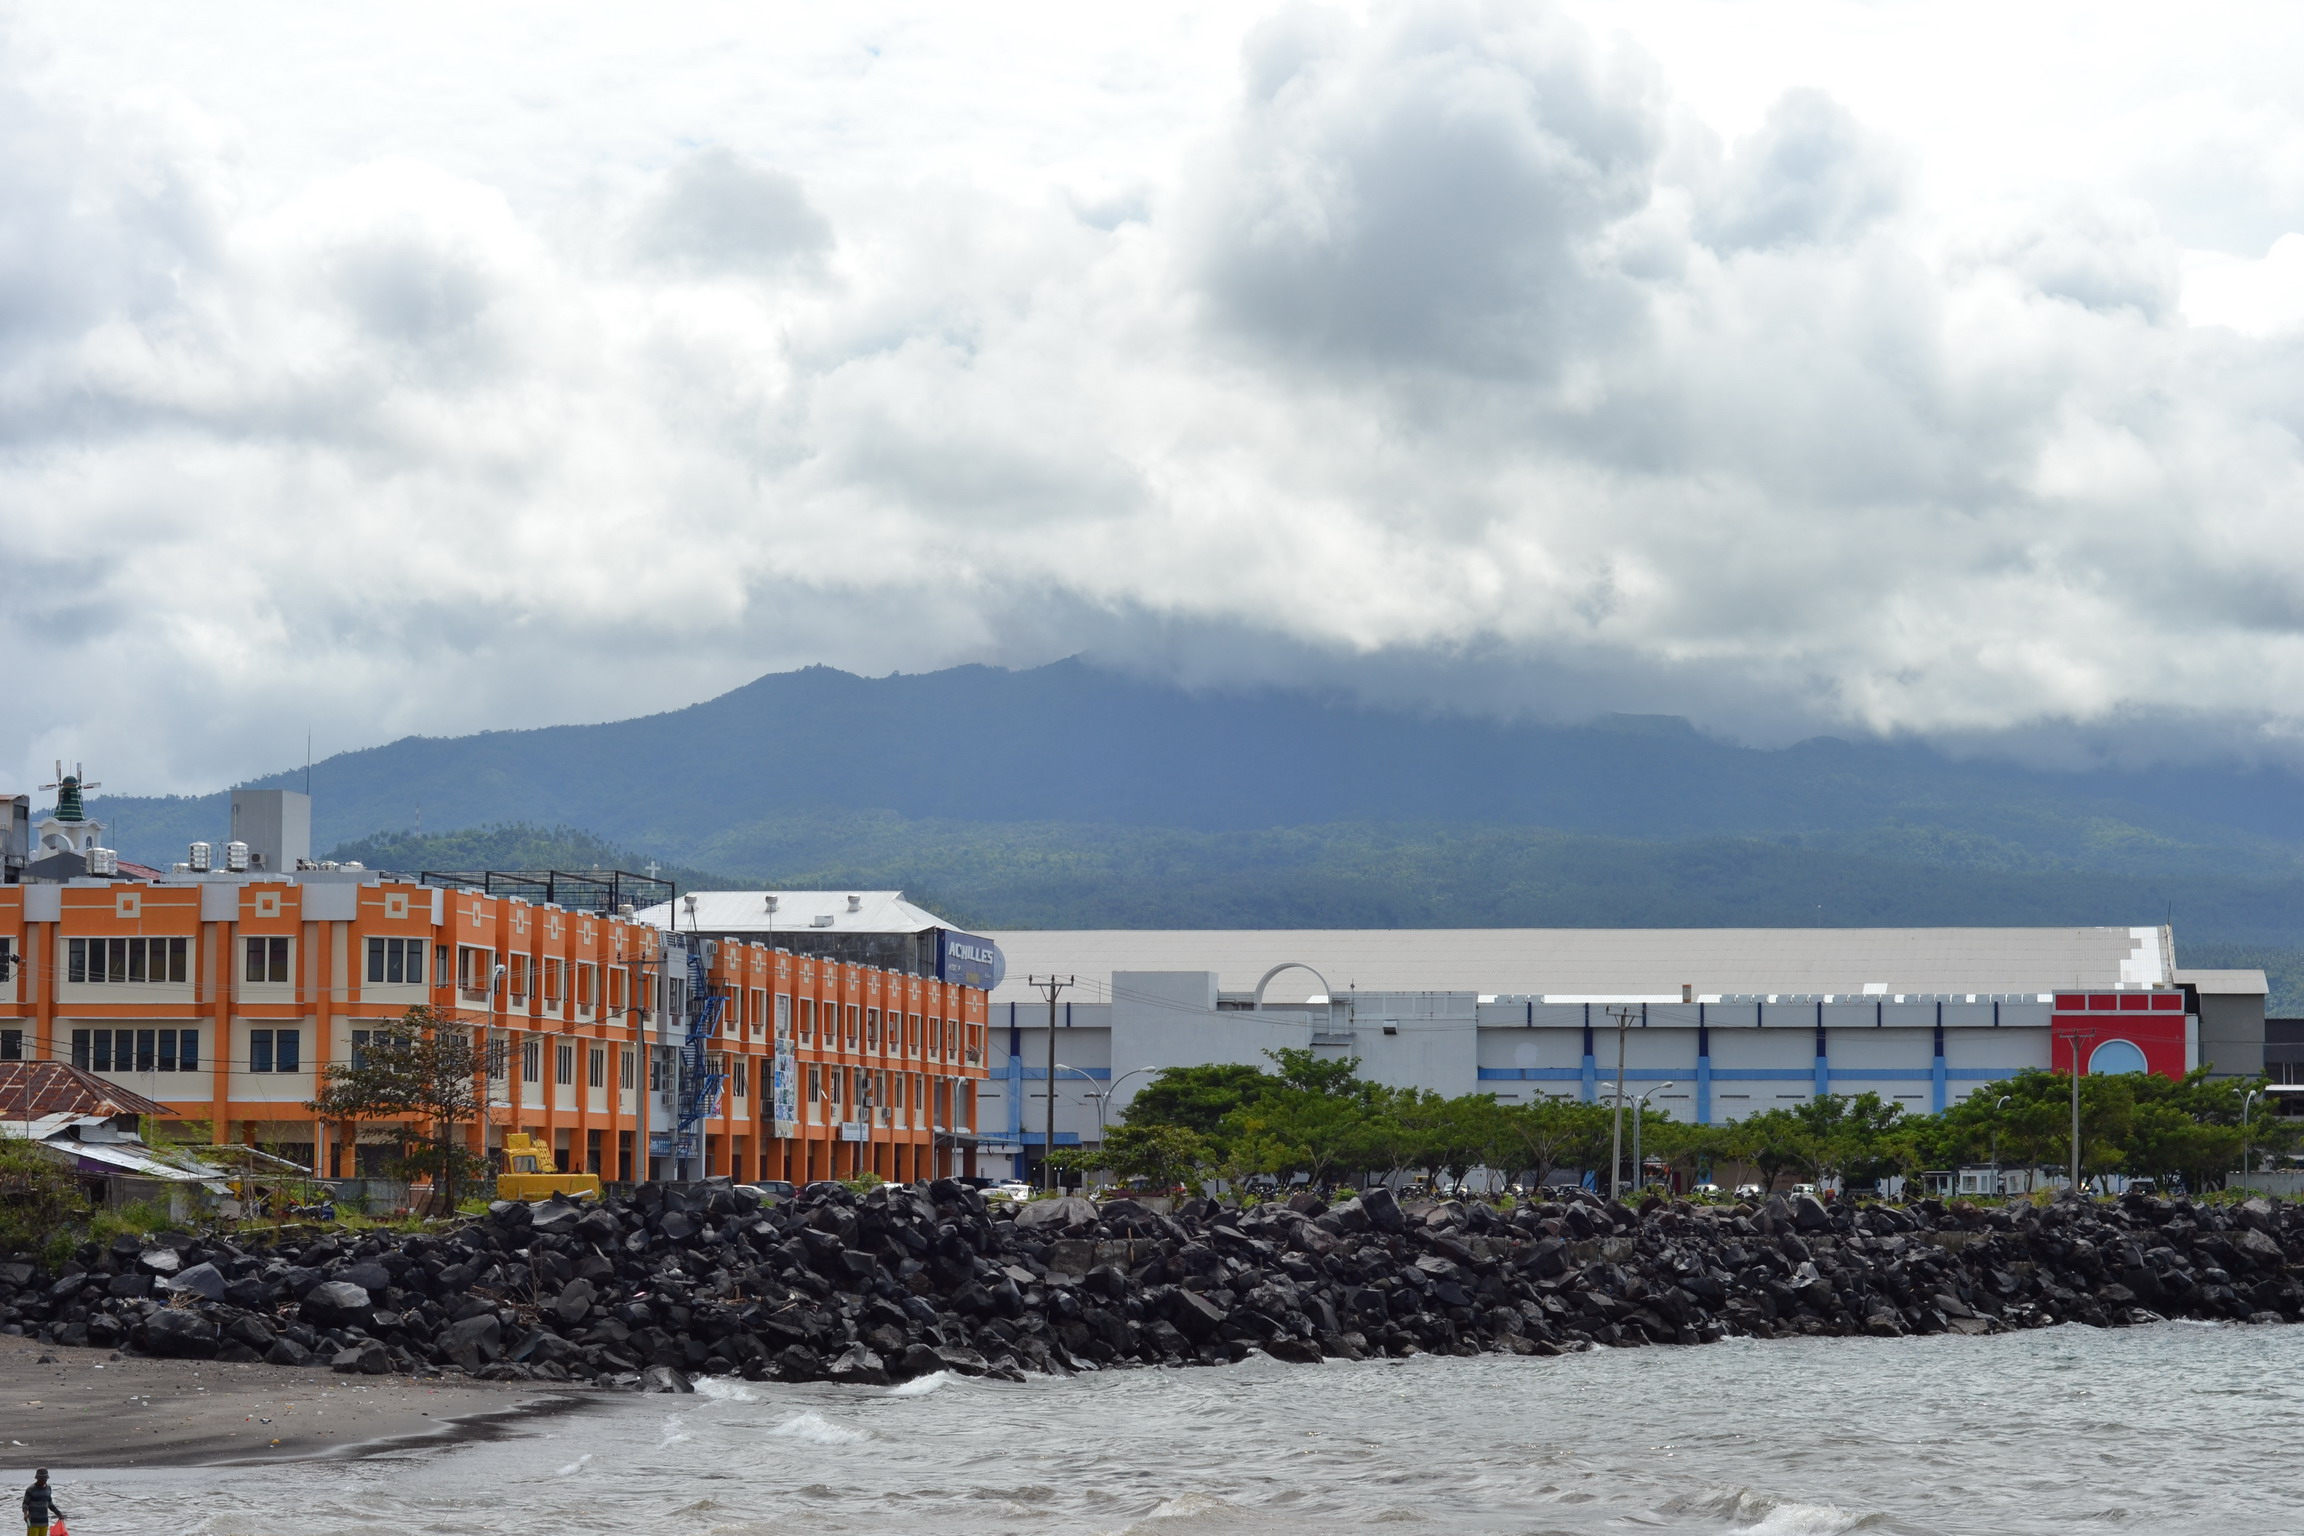 Two buildings near ocean photo